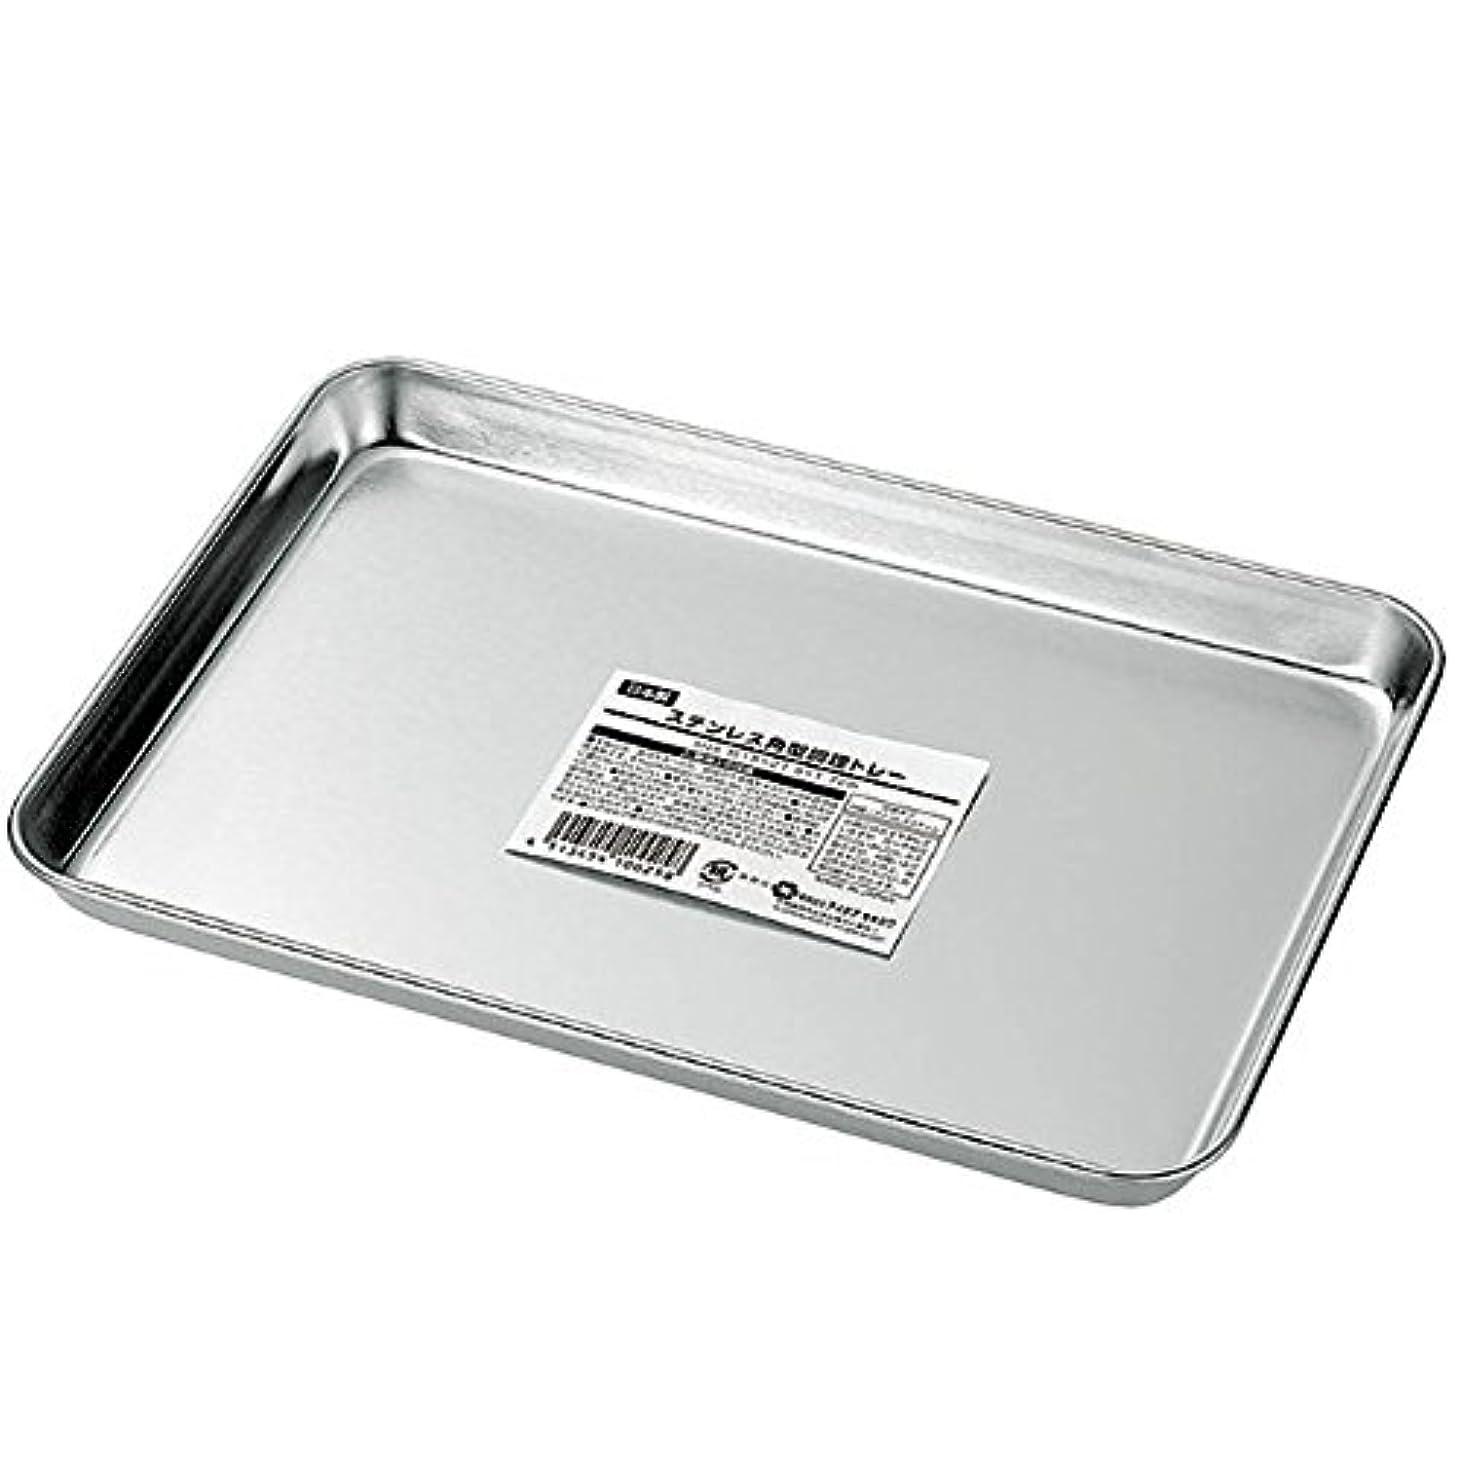 実験ハンバーガーあざエコー金属 ステンレス角型調理トレー 0321-099